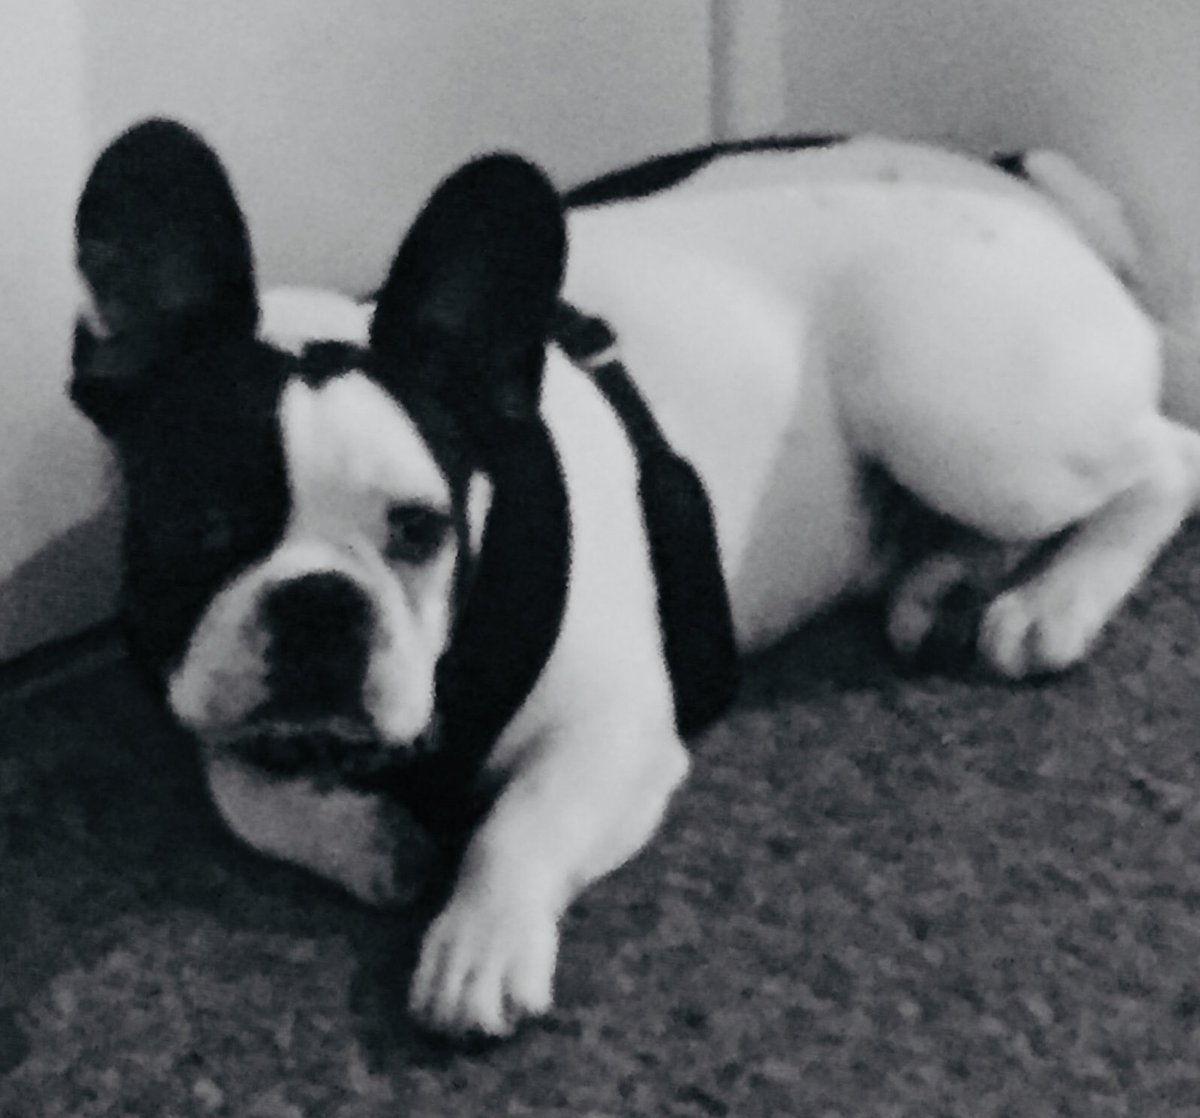 RT @TrevorLeWoof: #frenchbulldog #frenchie 🐾 #DogsOfTwitter. https://t.co/BzKAbPUF4k